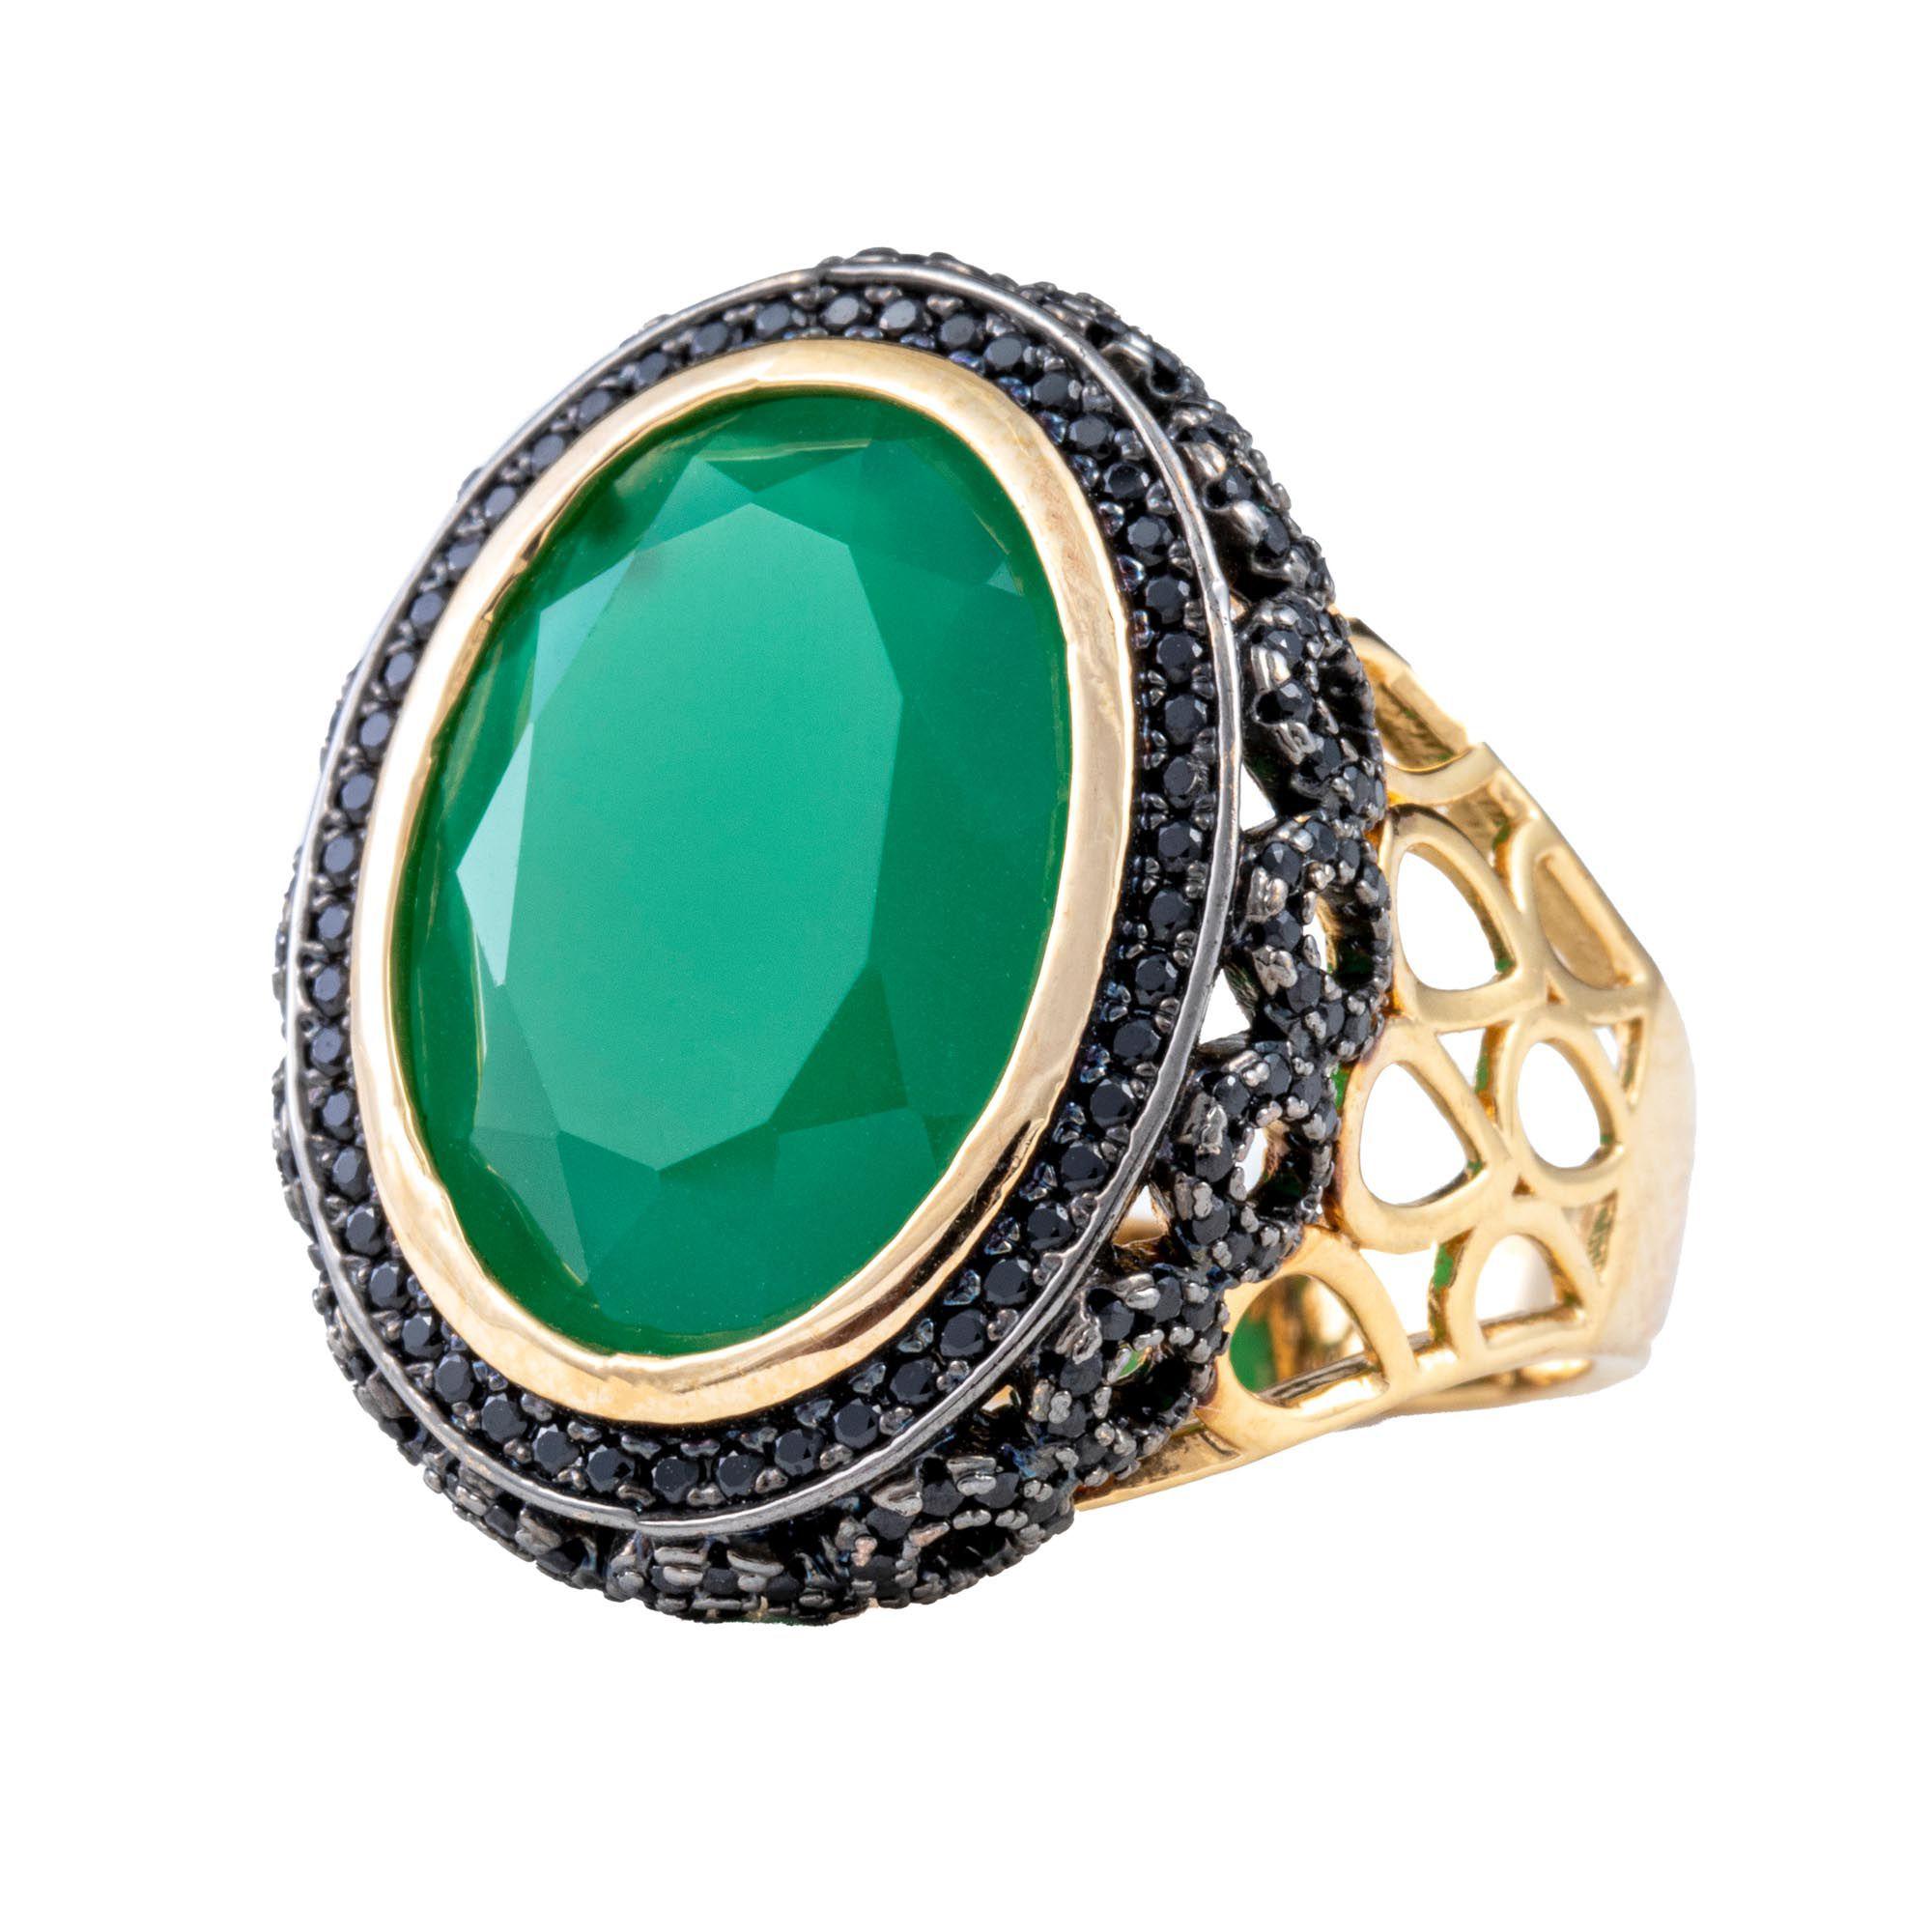 Anel Milão, com Jade verde, cravejado no diamonic negro, folheado no ouro 18k.